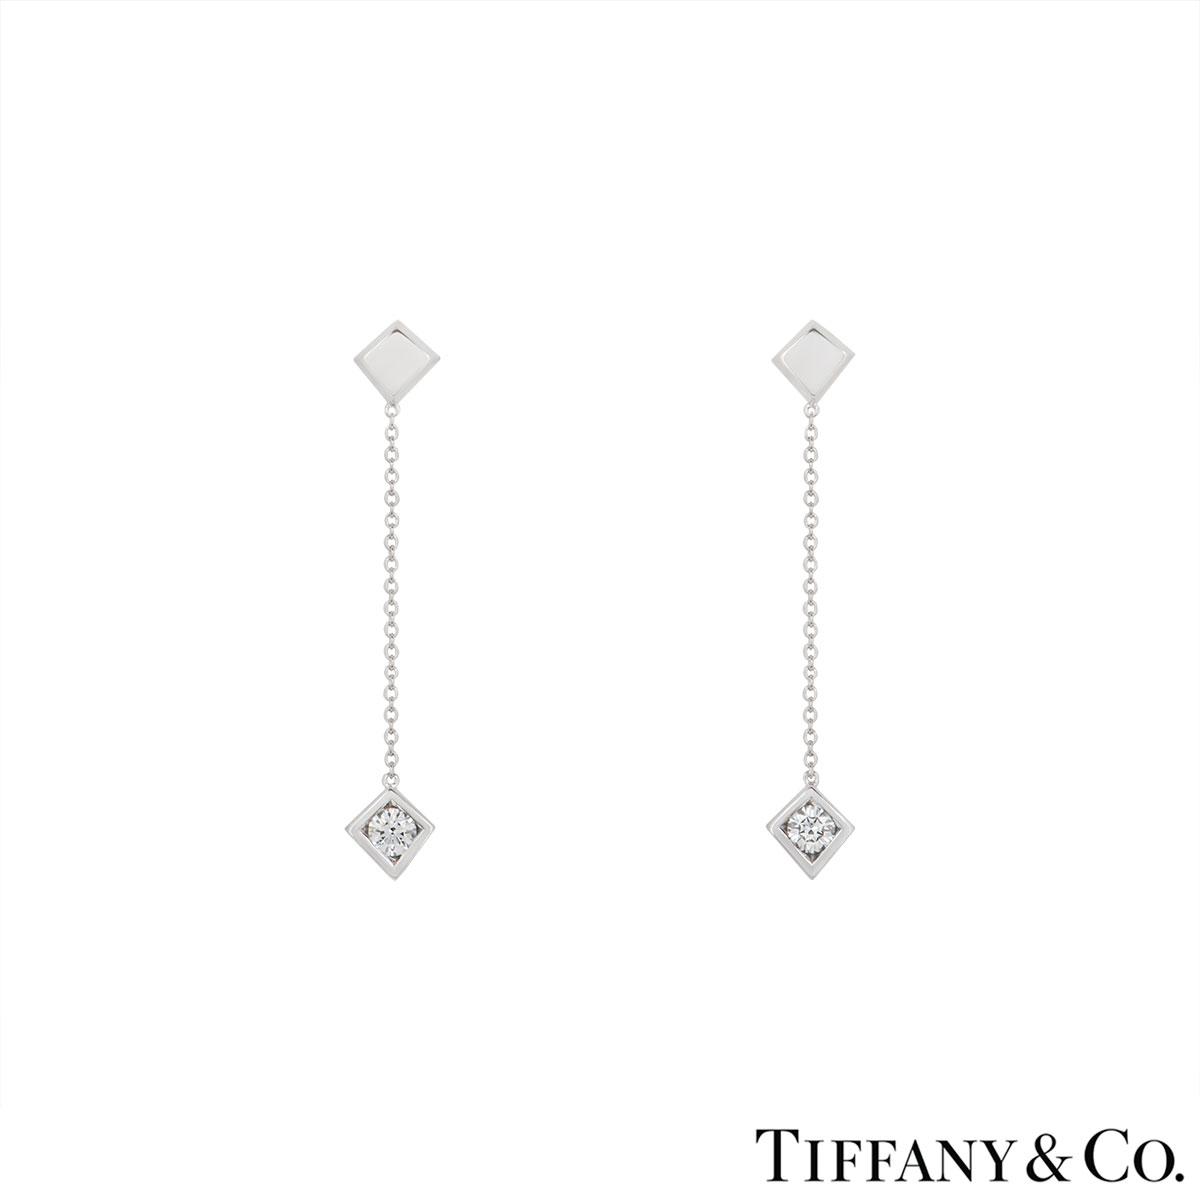 Tiffany & Co. Diamond Drop Earrings